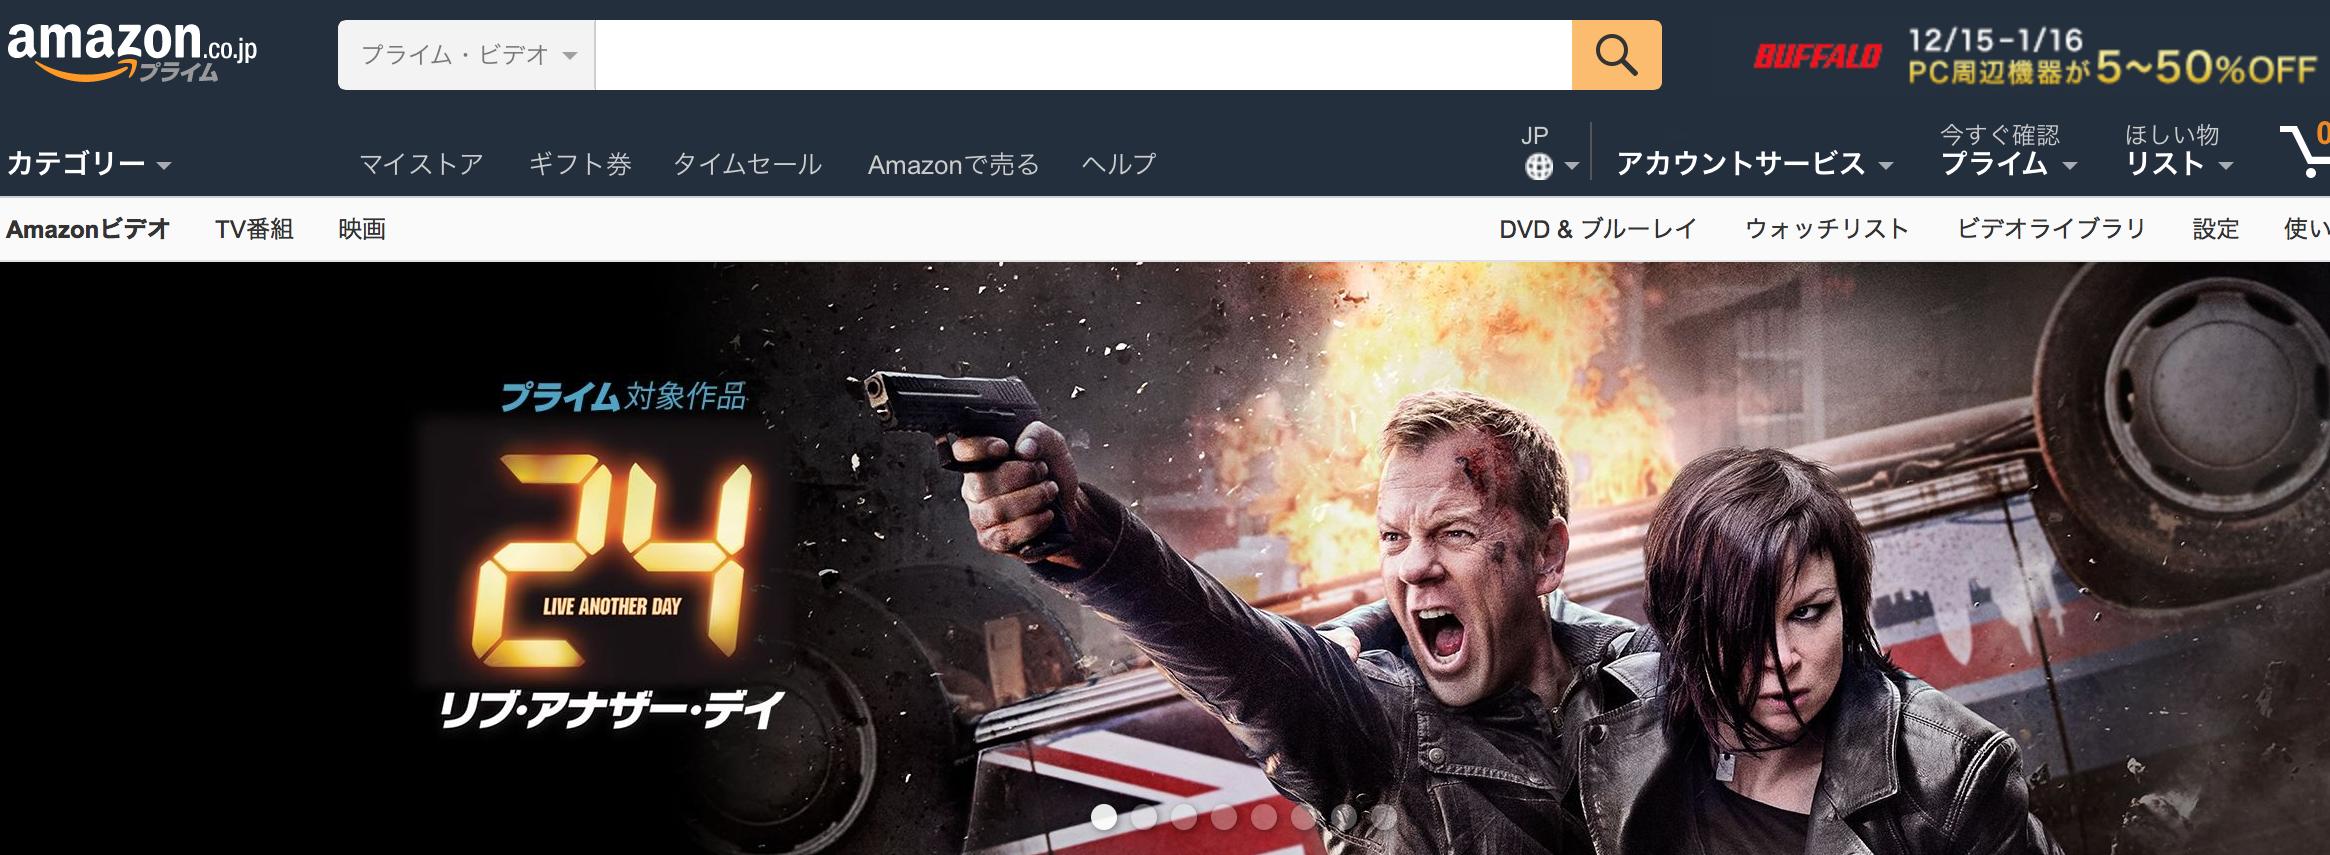 Amazonプライムビデオで『リブアナザーデイ』が見放題になりました!